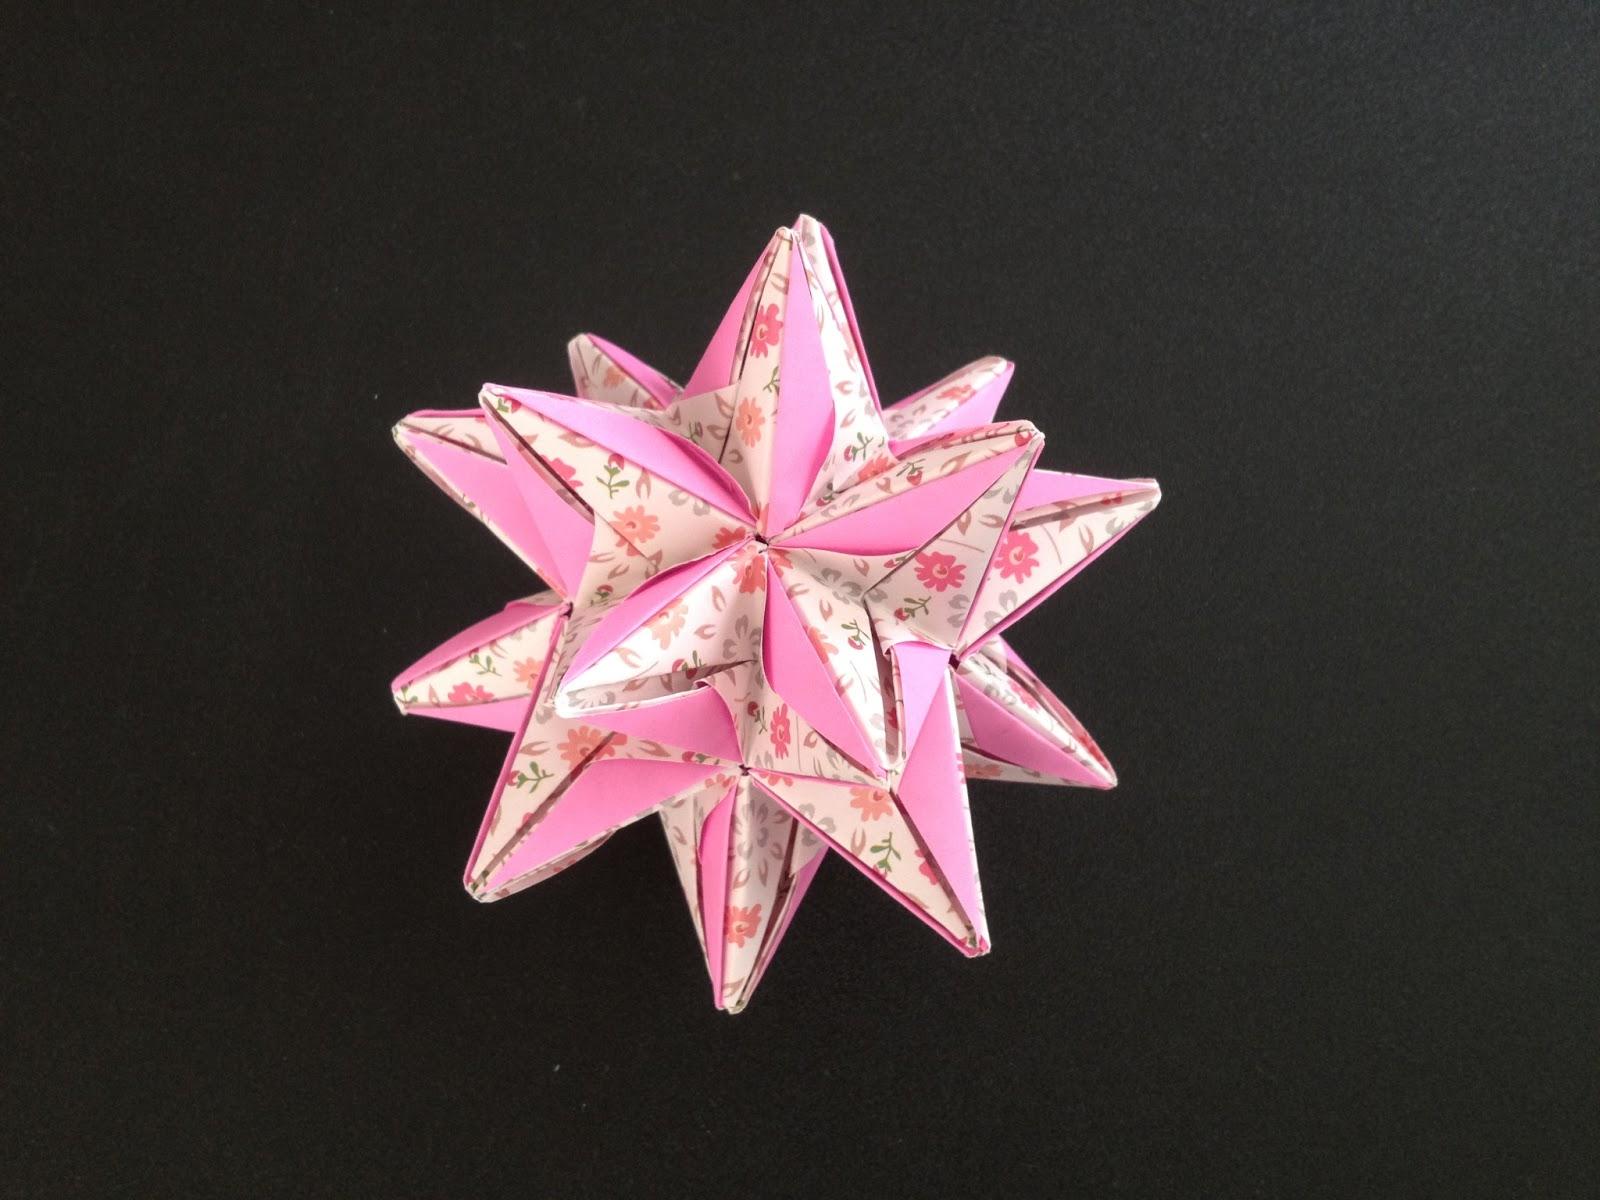 すべての折り紙 折り紙 着物 折り方 : nurbyz's origami world: ORIGAMI 折り紙